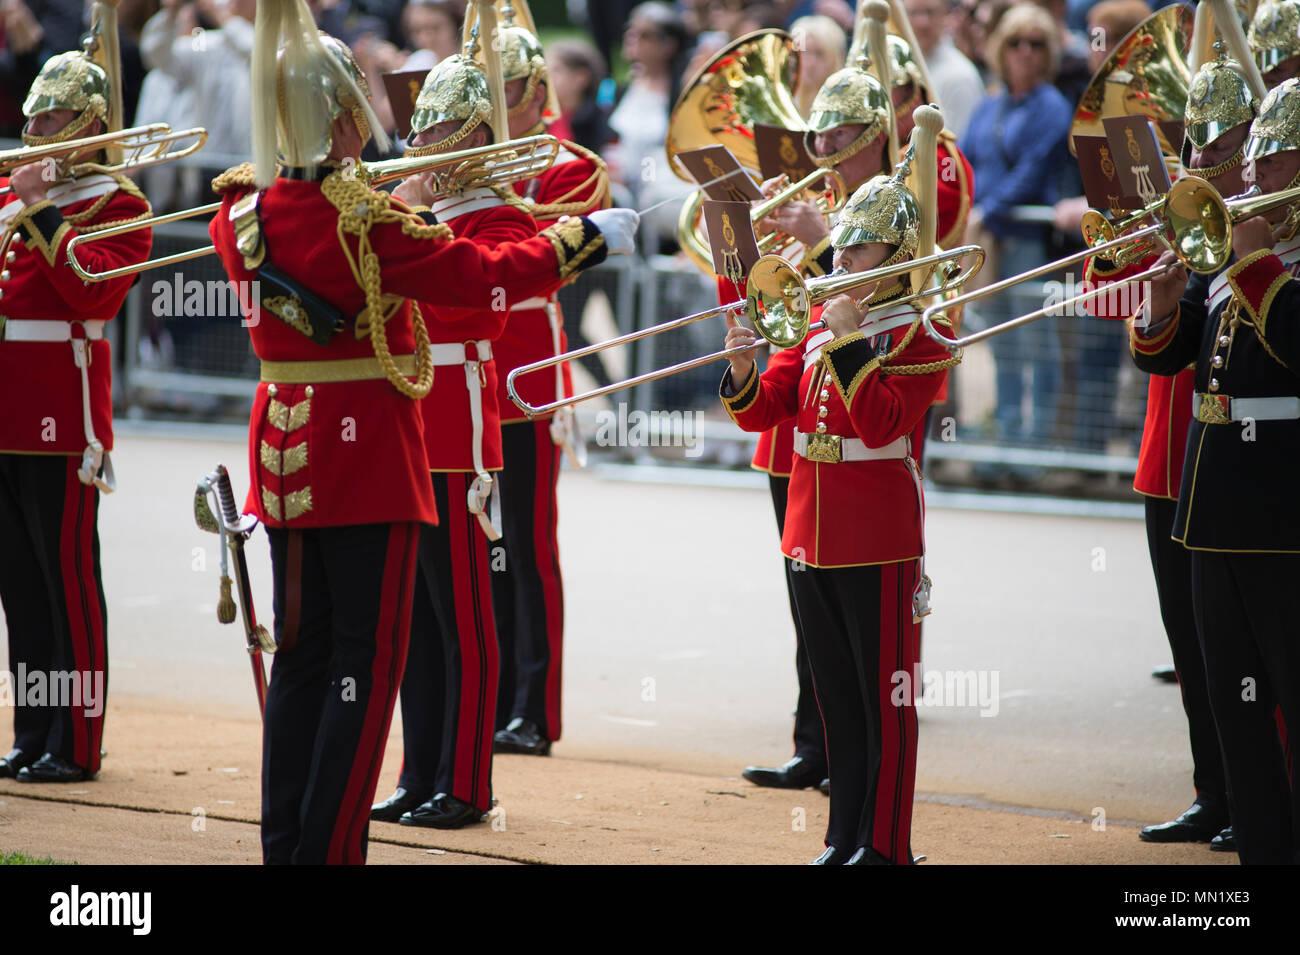 94e Défilé annuel et Service de la Cavalerie vieux camarades à l'Association Mémorial cavalerie adjacente à la Kiosque à Hyde Park, Londres. Photo Stock